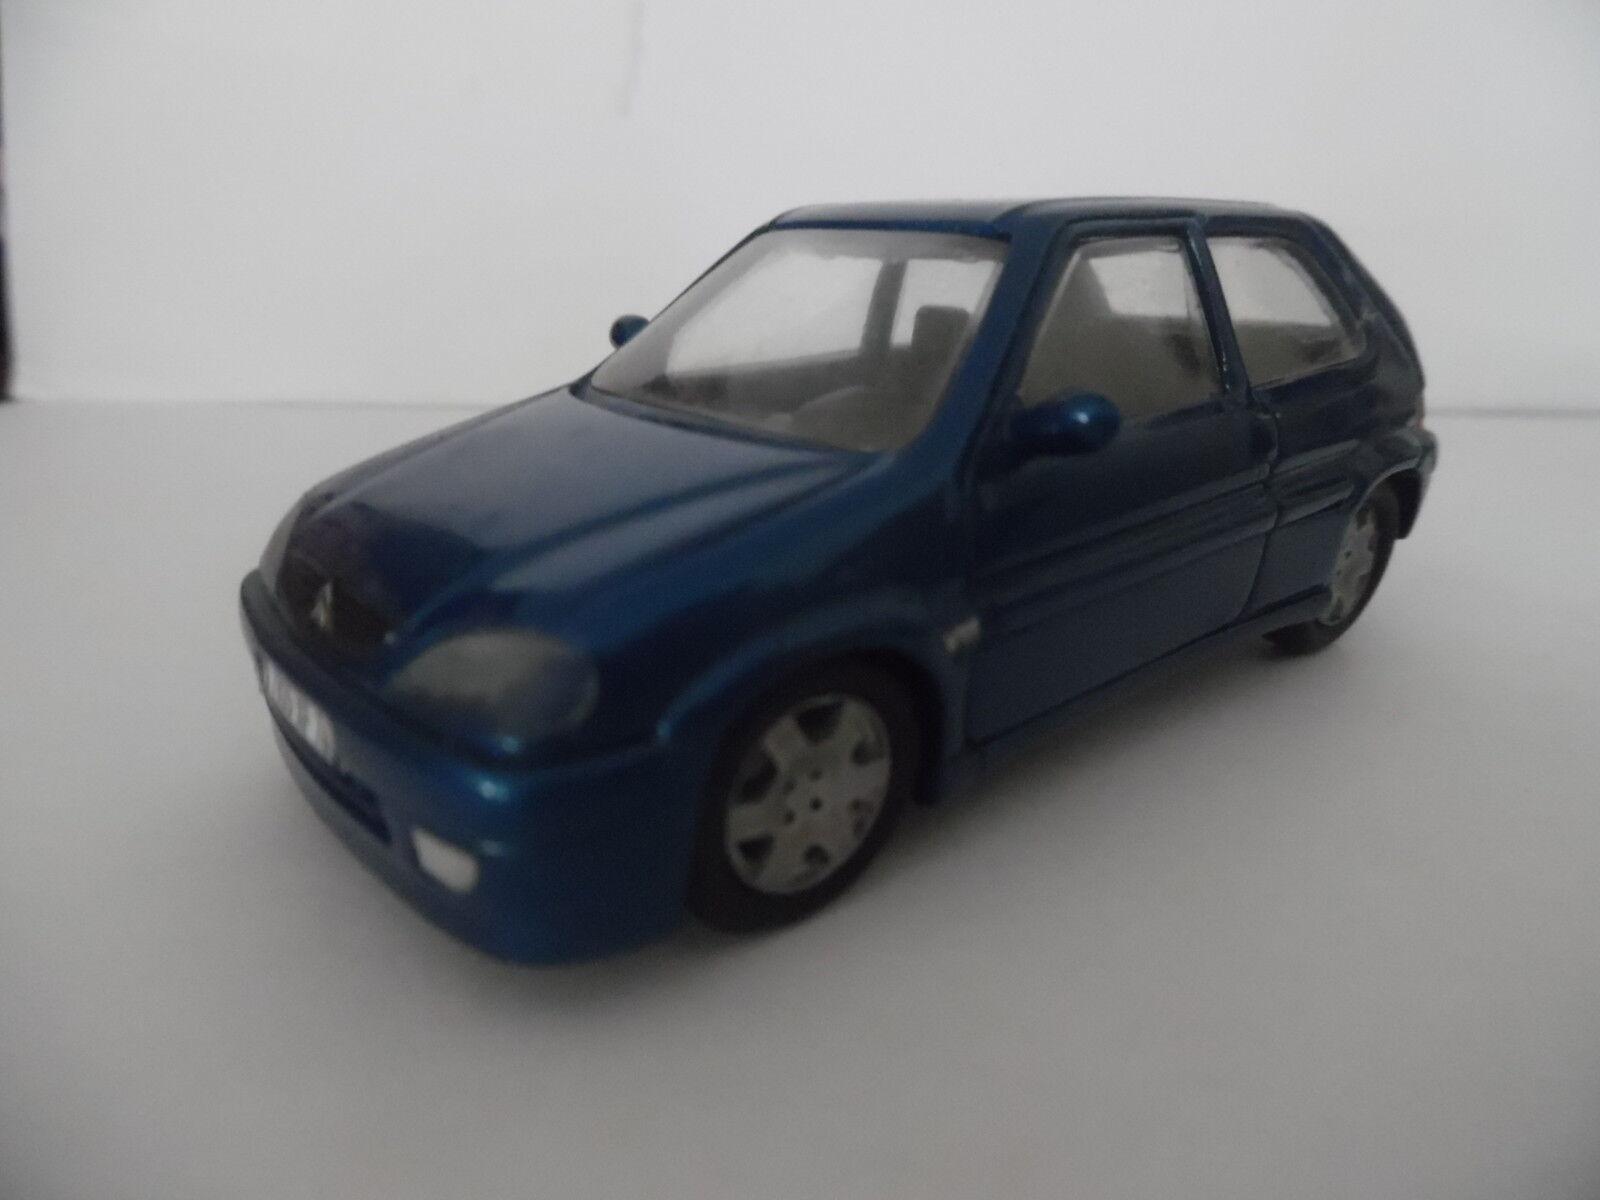 1 43ième - Maquette PARADCAR n°107 - Citroen Saxo bleue